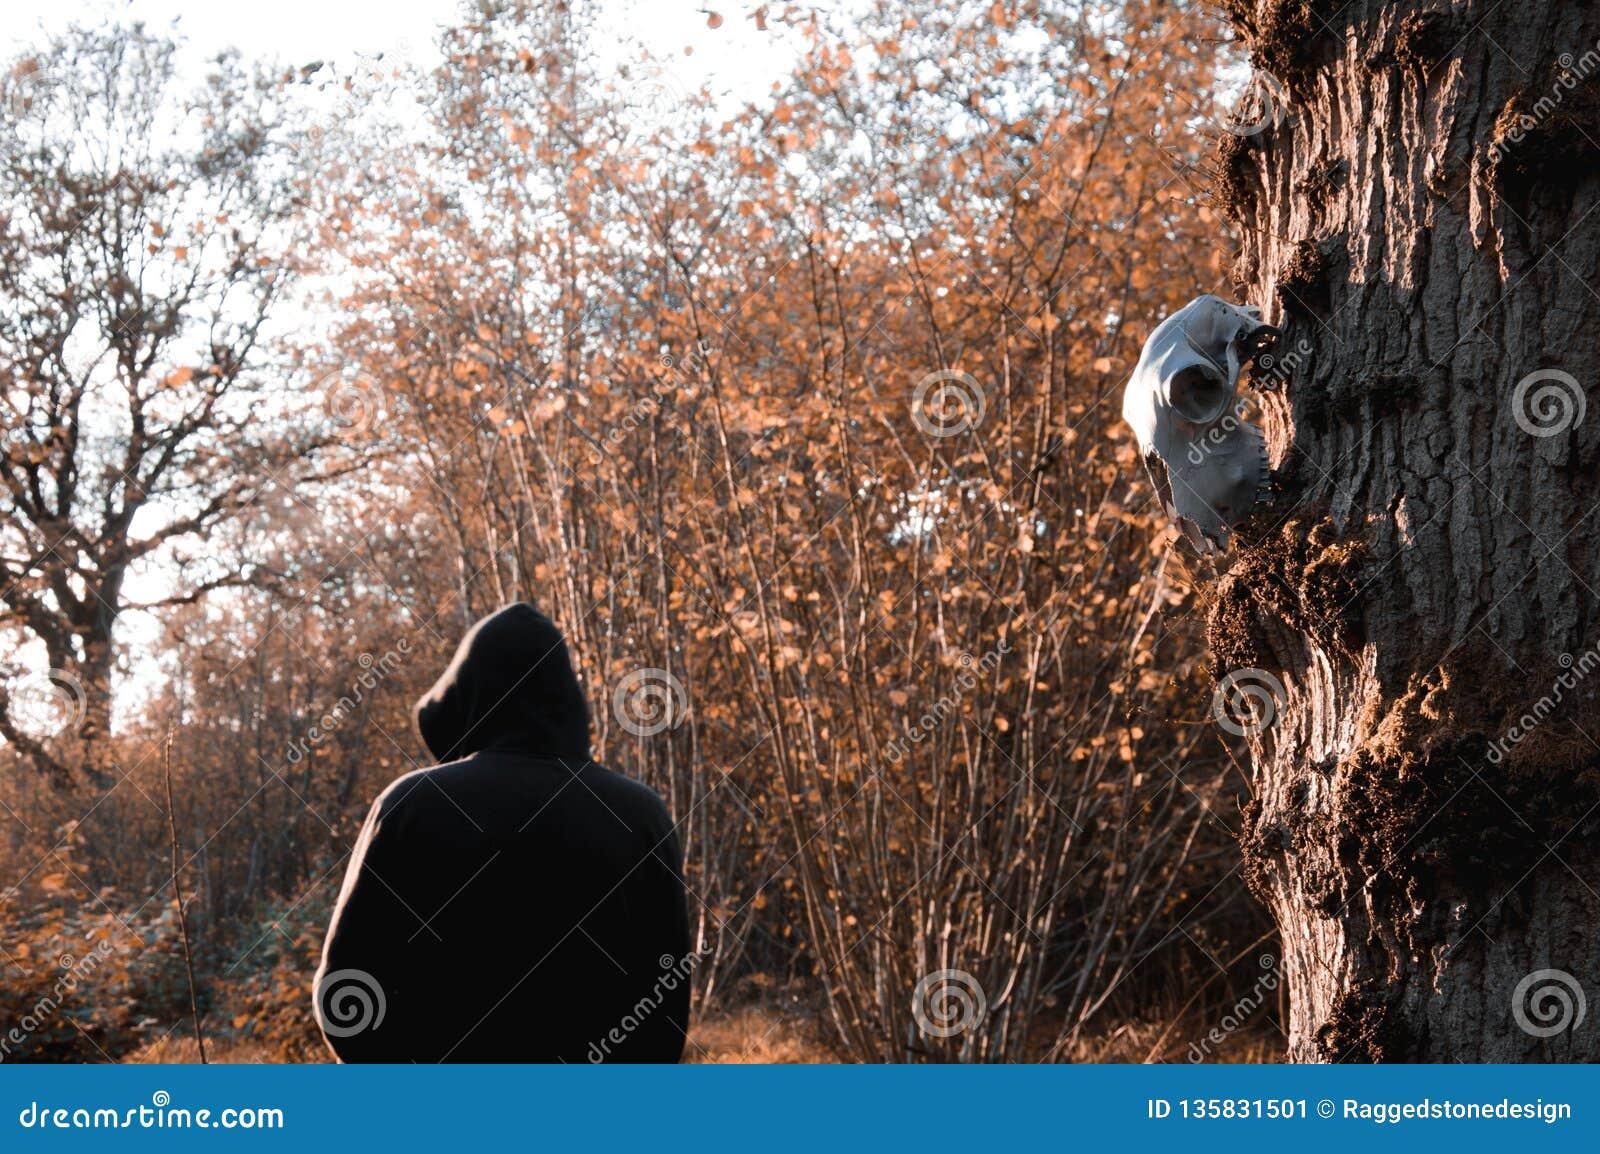 垂悬从树,而一个阴险戴头巾图在背景中站立,被弄脏和在焦点外面的绵羊头骨 使用a